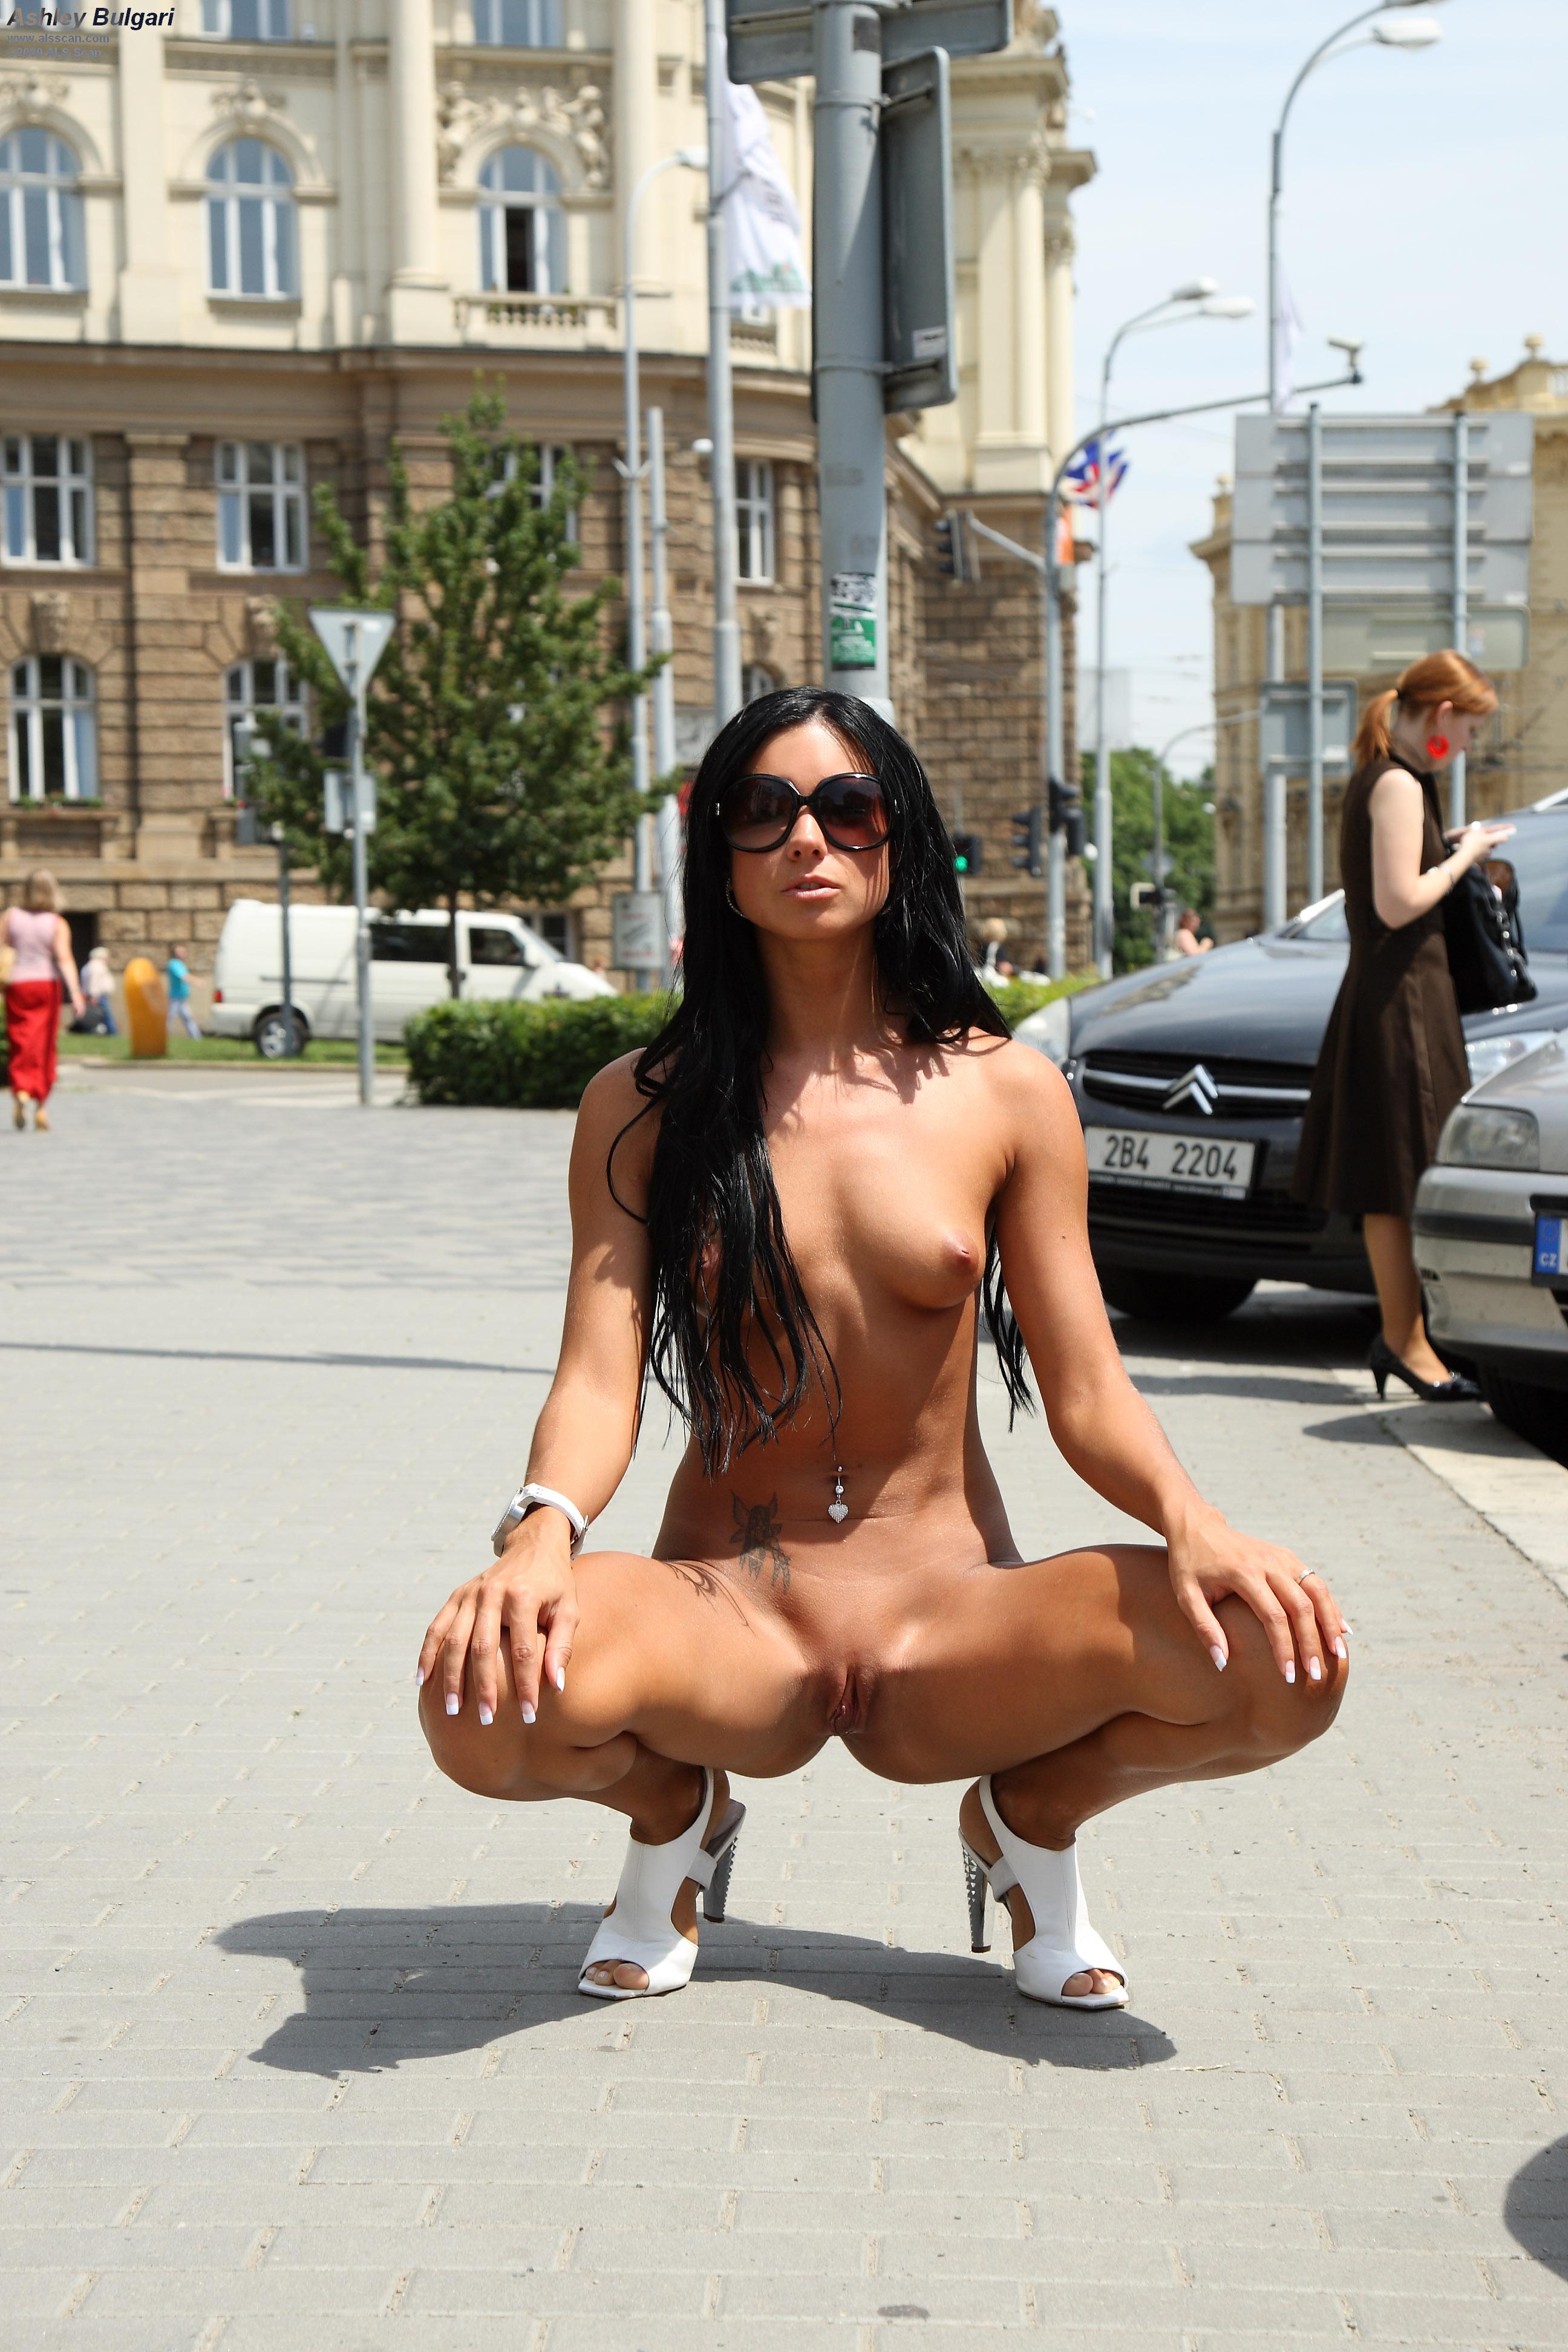 nude-in-public-vol4-30